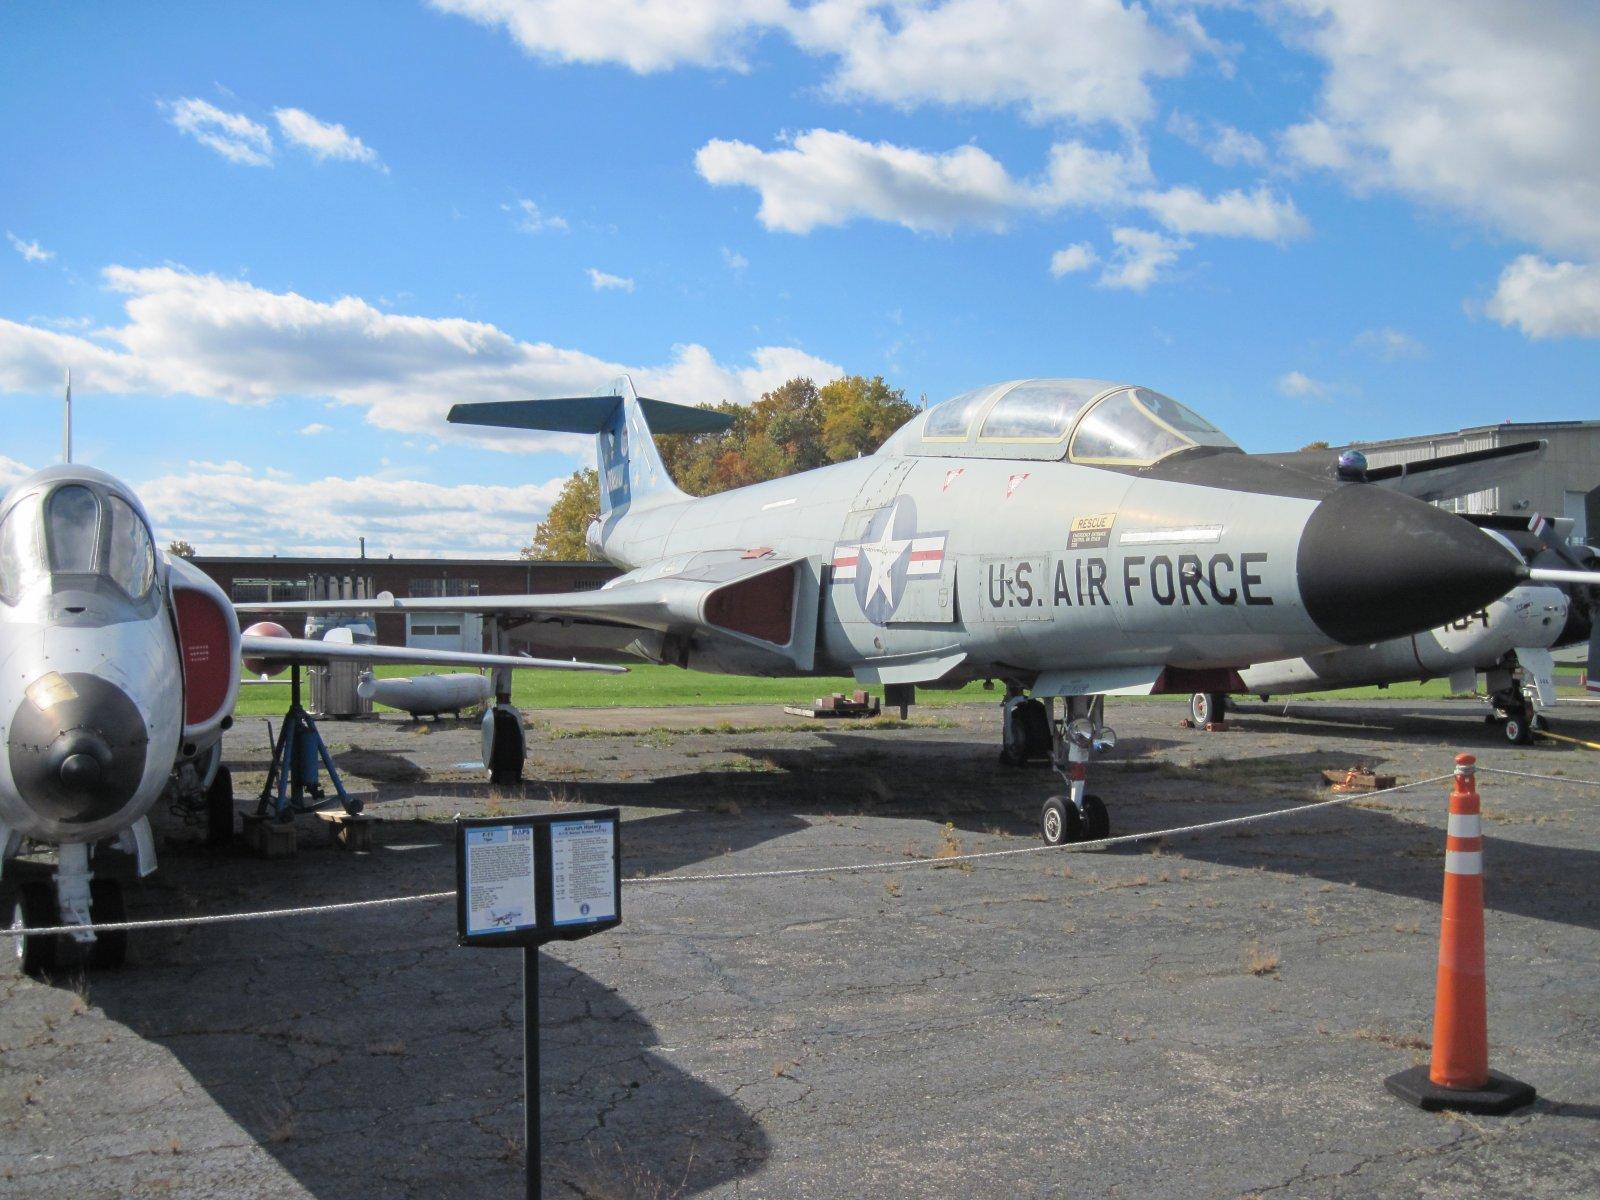 1959 McDonnell F-101F Voodoo